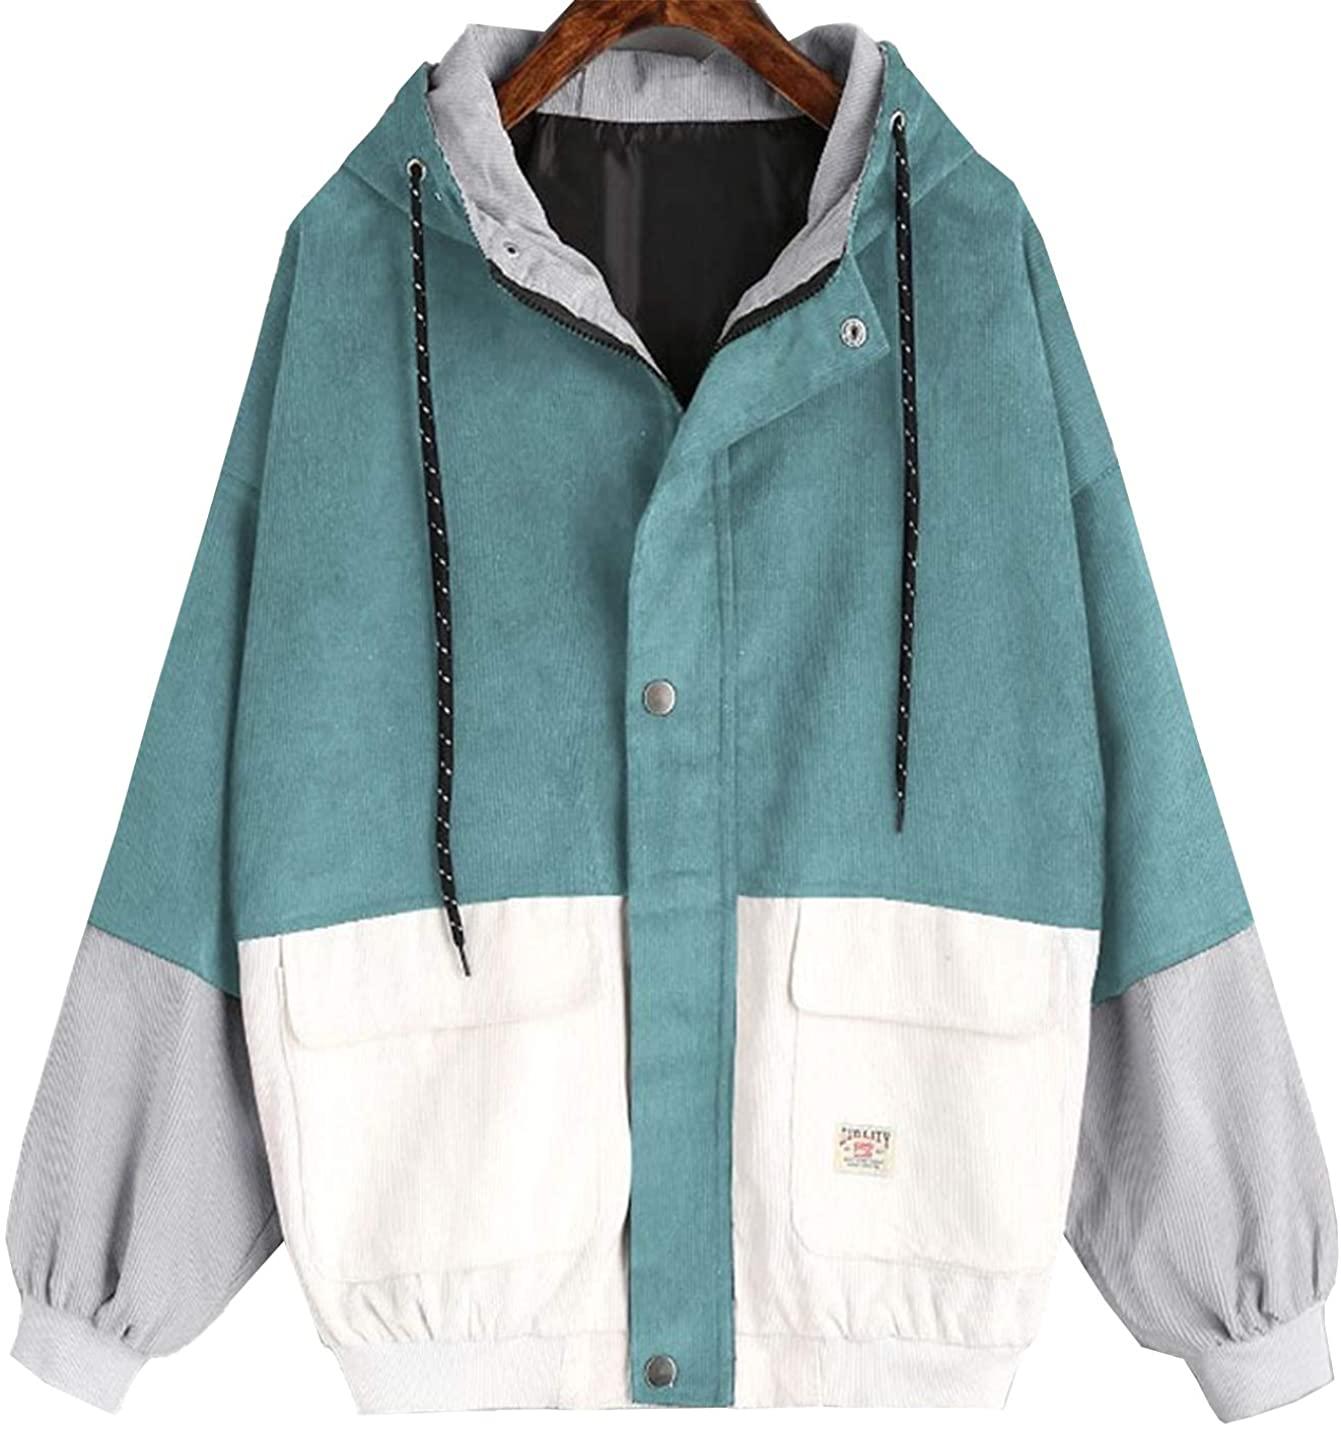 Flygo Womens Zip Up Corduroy Patchwork Oversize Jackets Hoodies Windbreaker Coat Overcoat